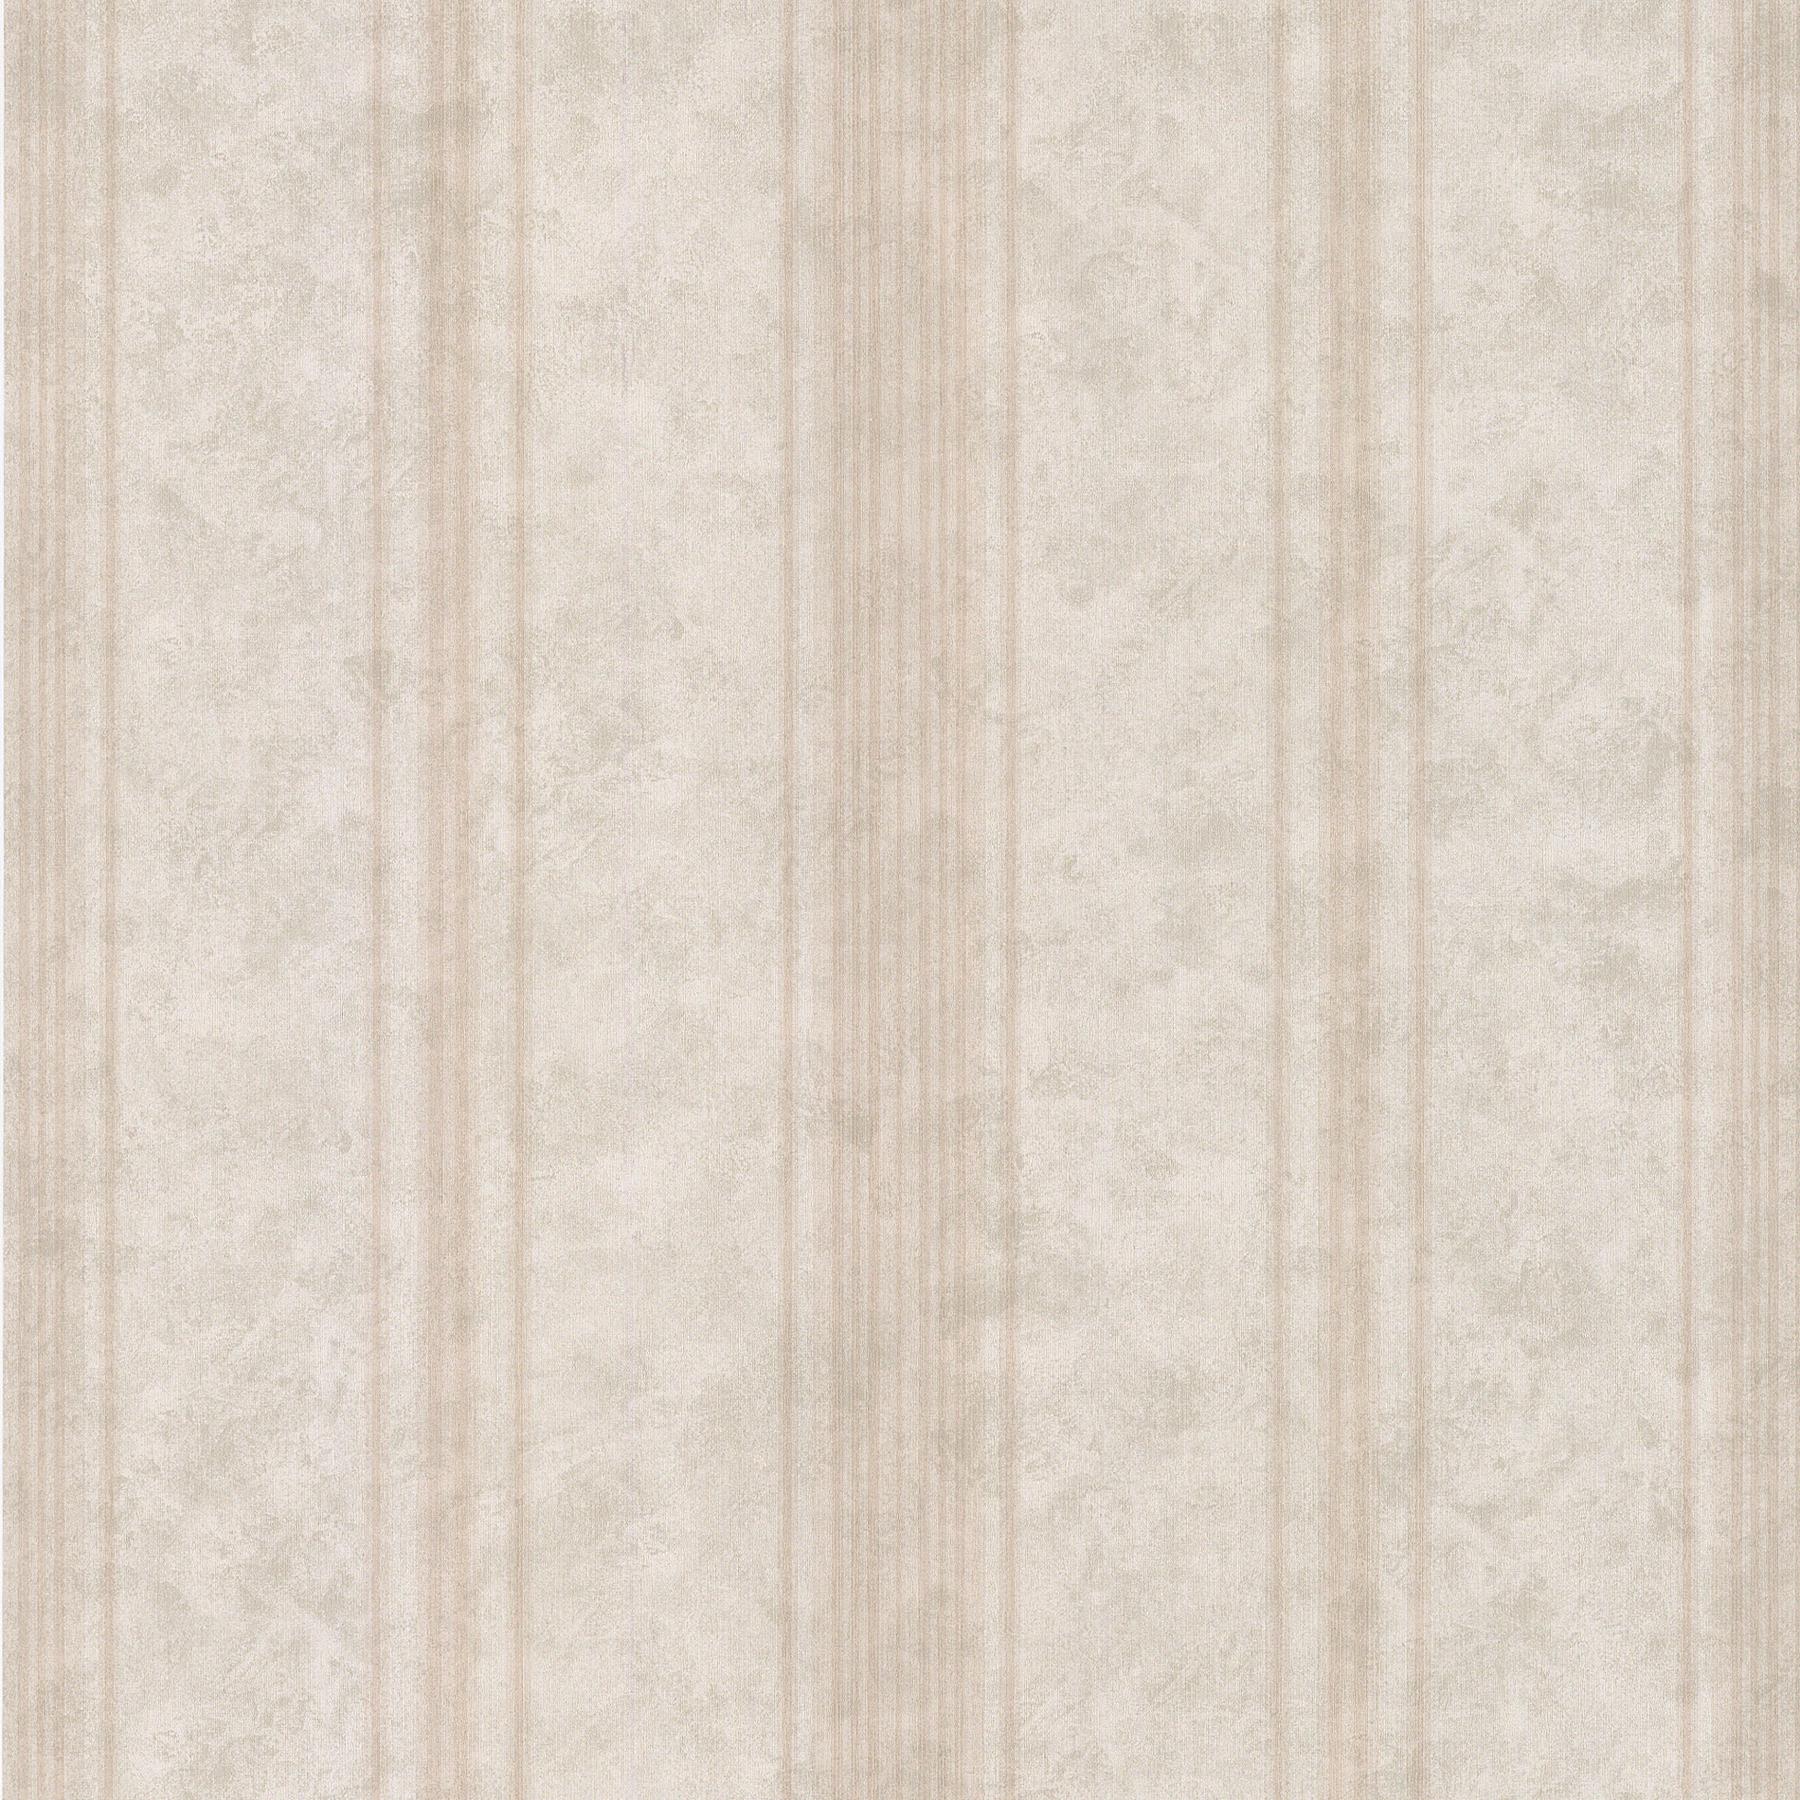 Picture of Biella Sage Stria Stripe Wallpaper